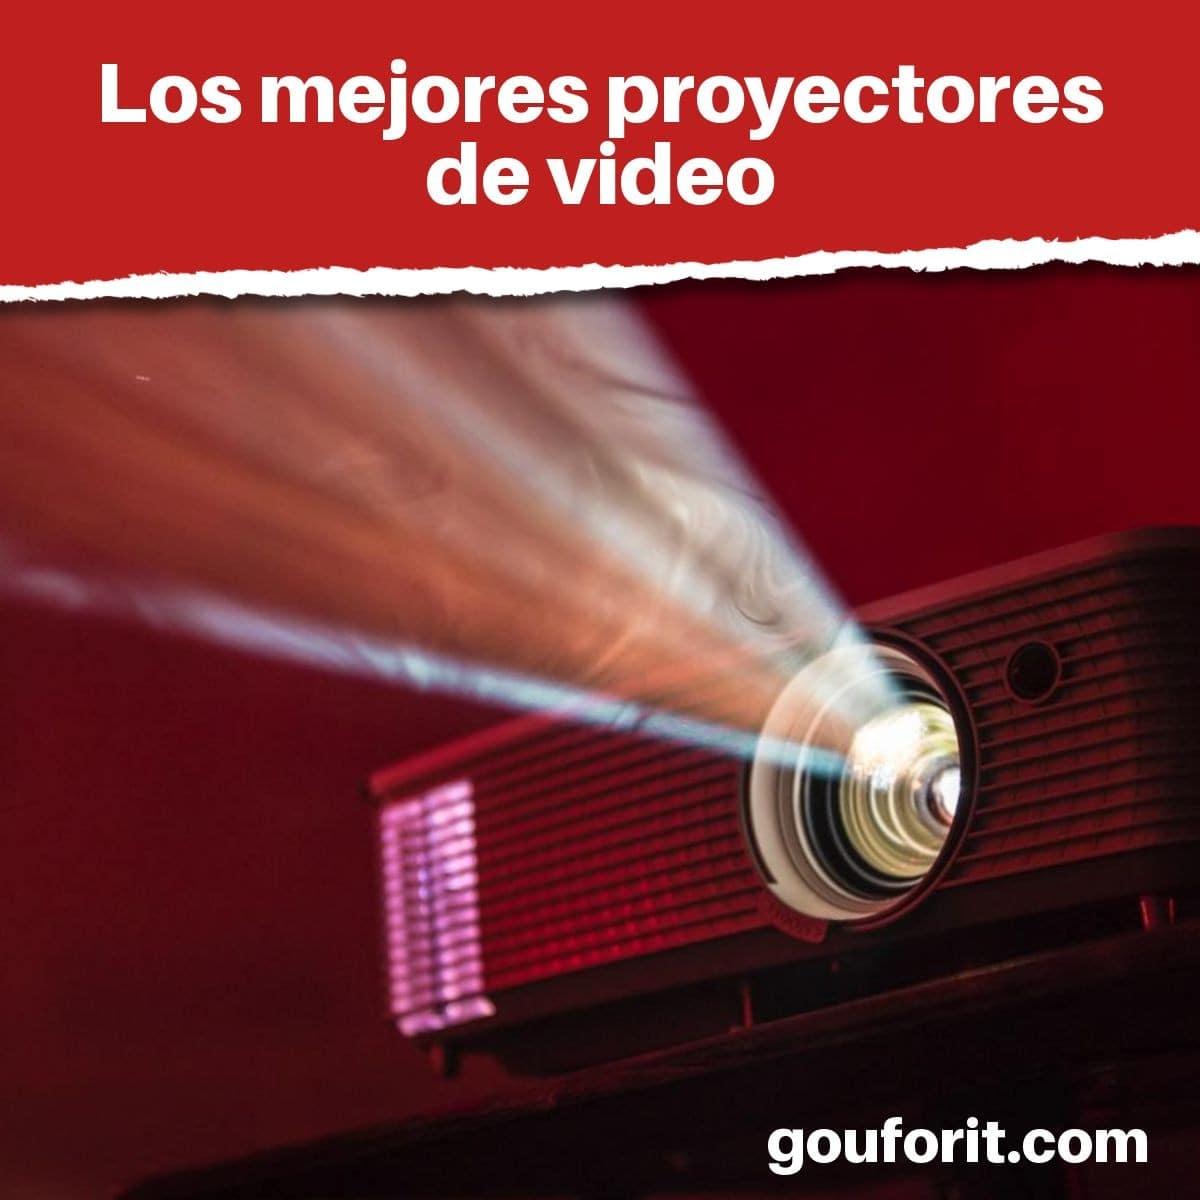 Los mejores proyectores de video: el cine en casa al alcance de tu mano